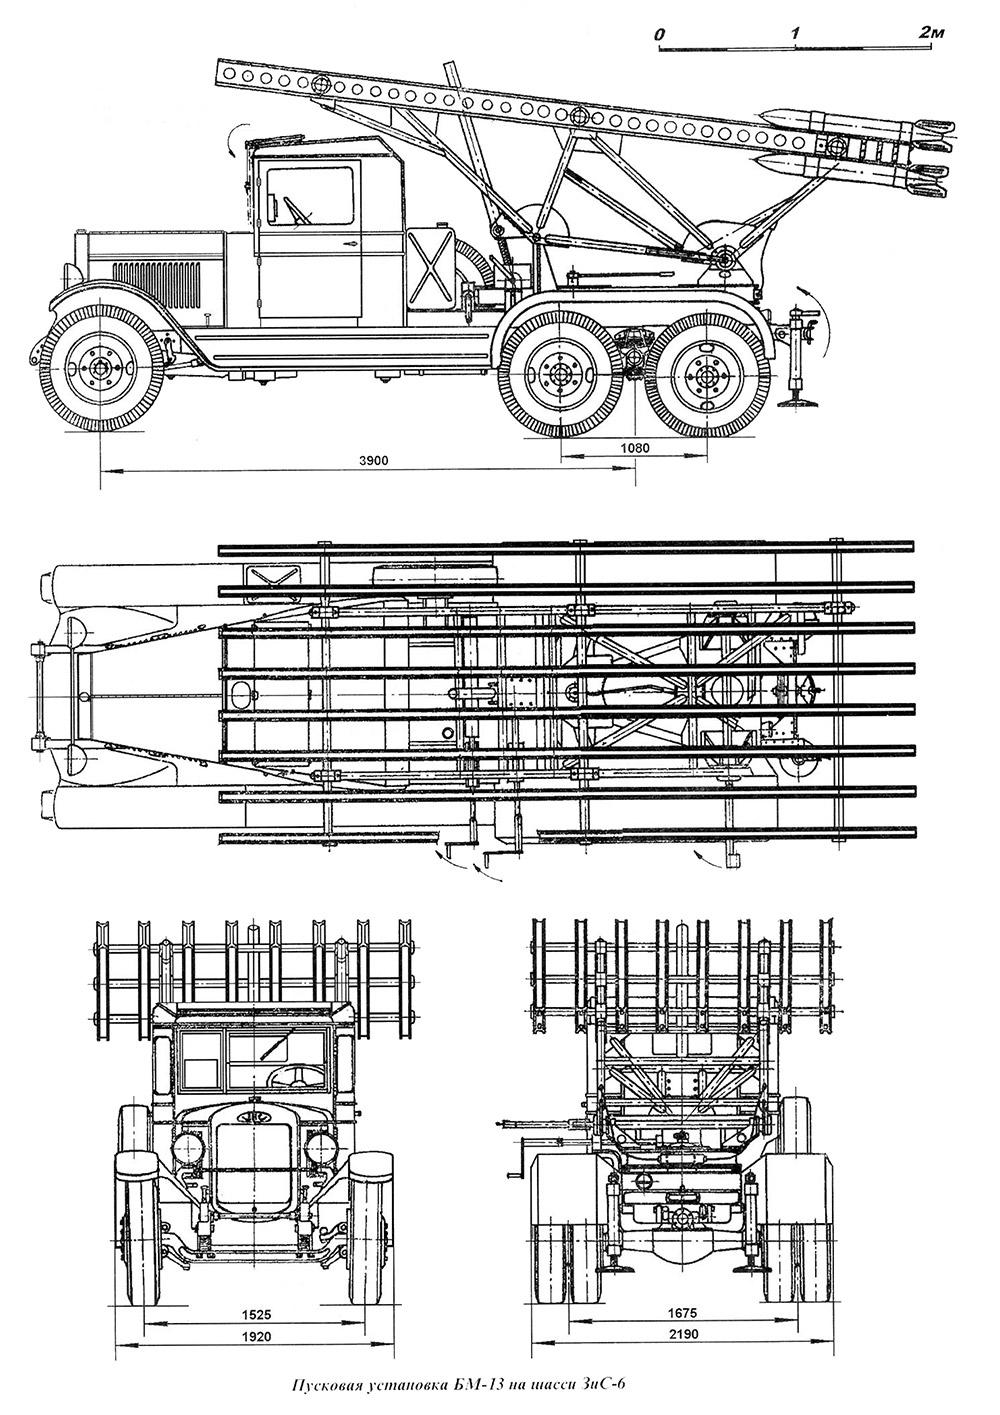 Чертеж боевой машины реактивной артиллерии БМ-13 Катюша